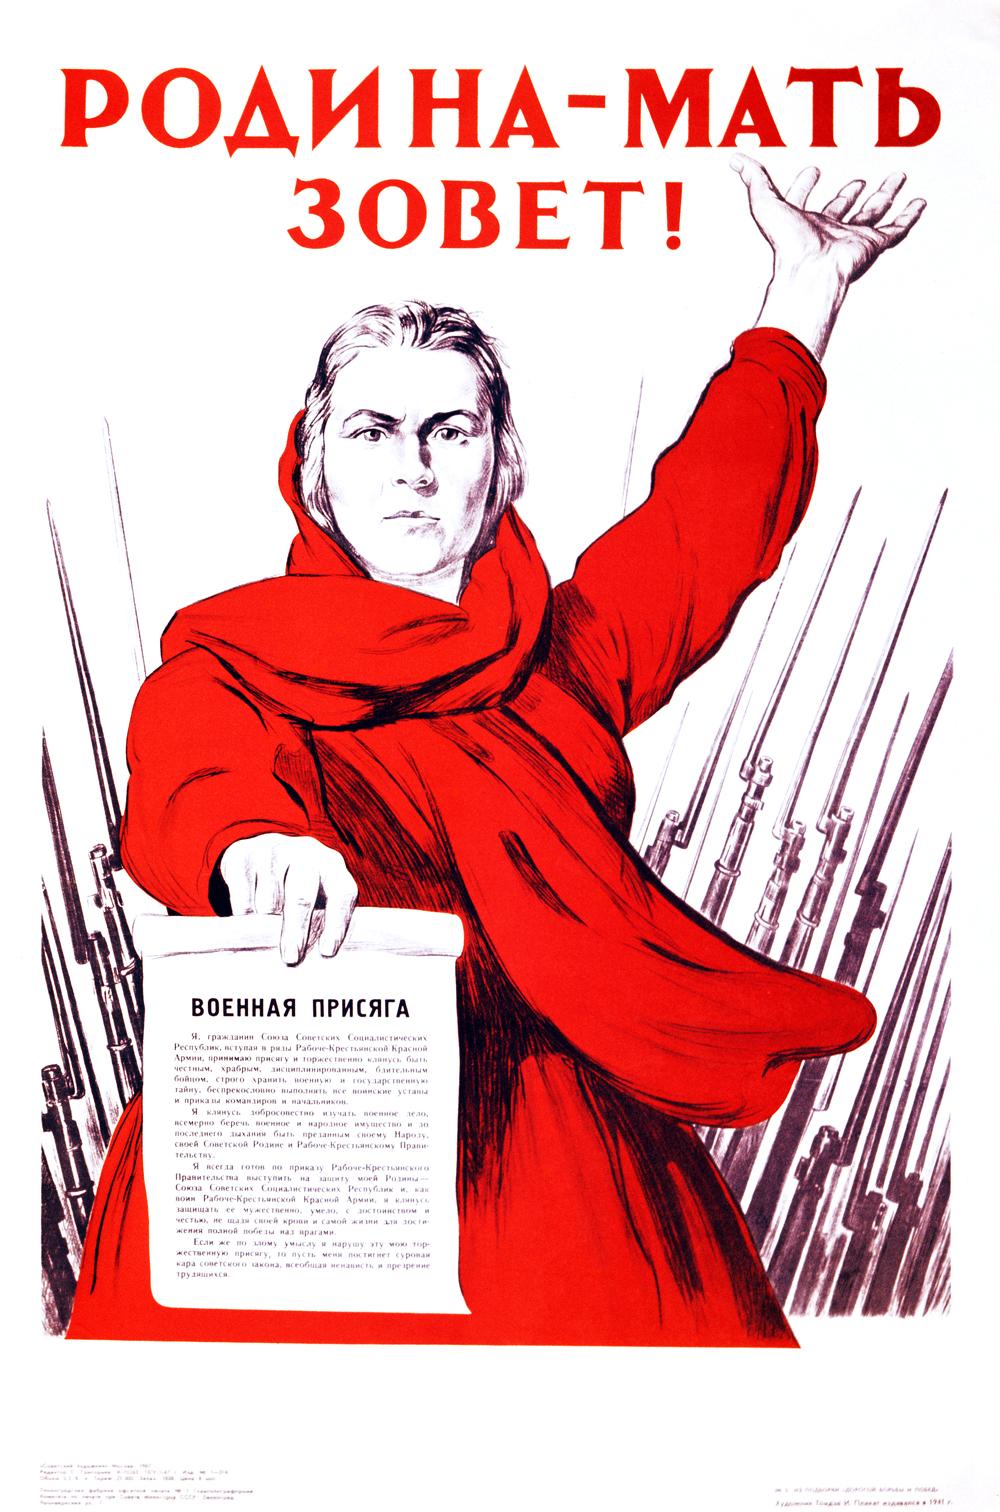 """Icônico """"Mãe Pátria"""", de Irakli Toidze, é um dos cartazes expostos na Casa da FEB"""